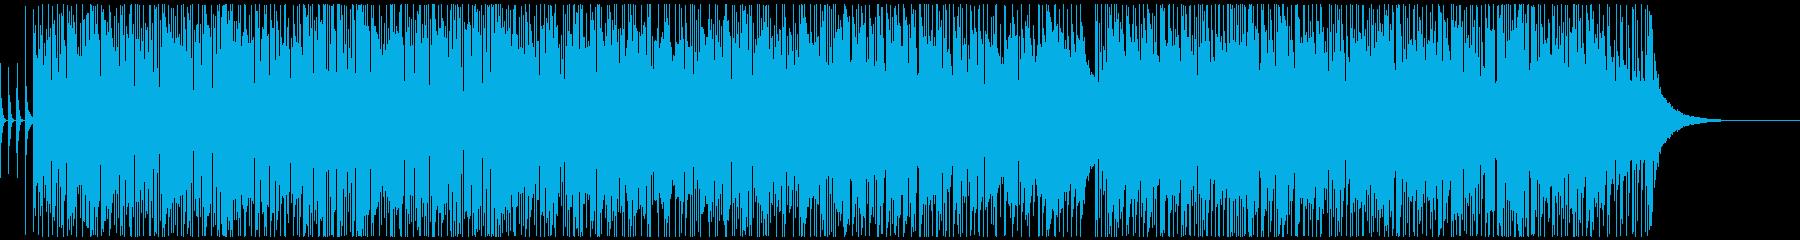 ノリのいいポップな曲ですの再生済みの波形